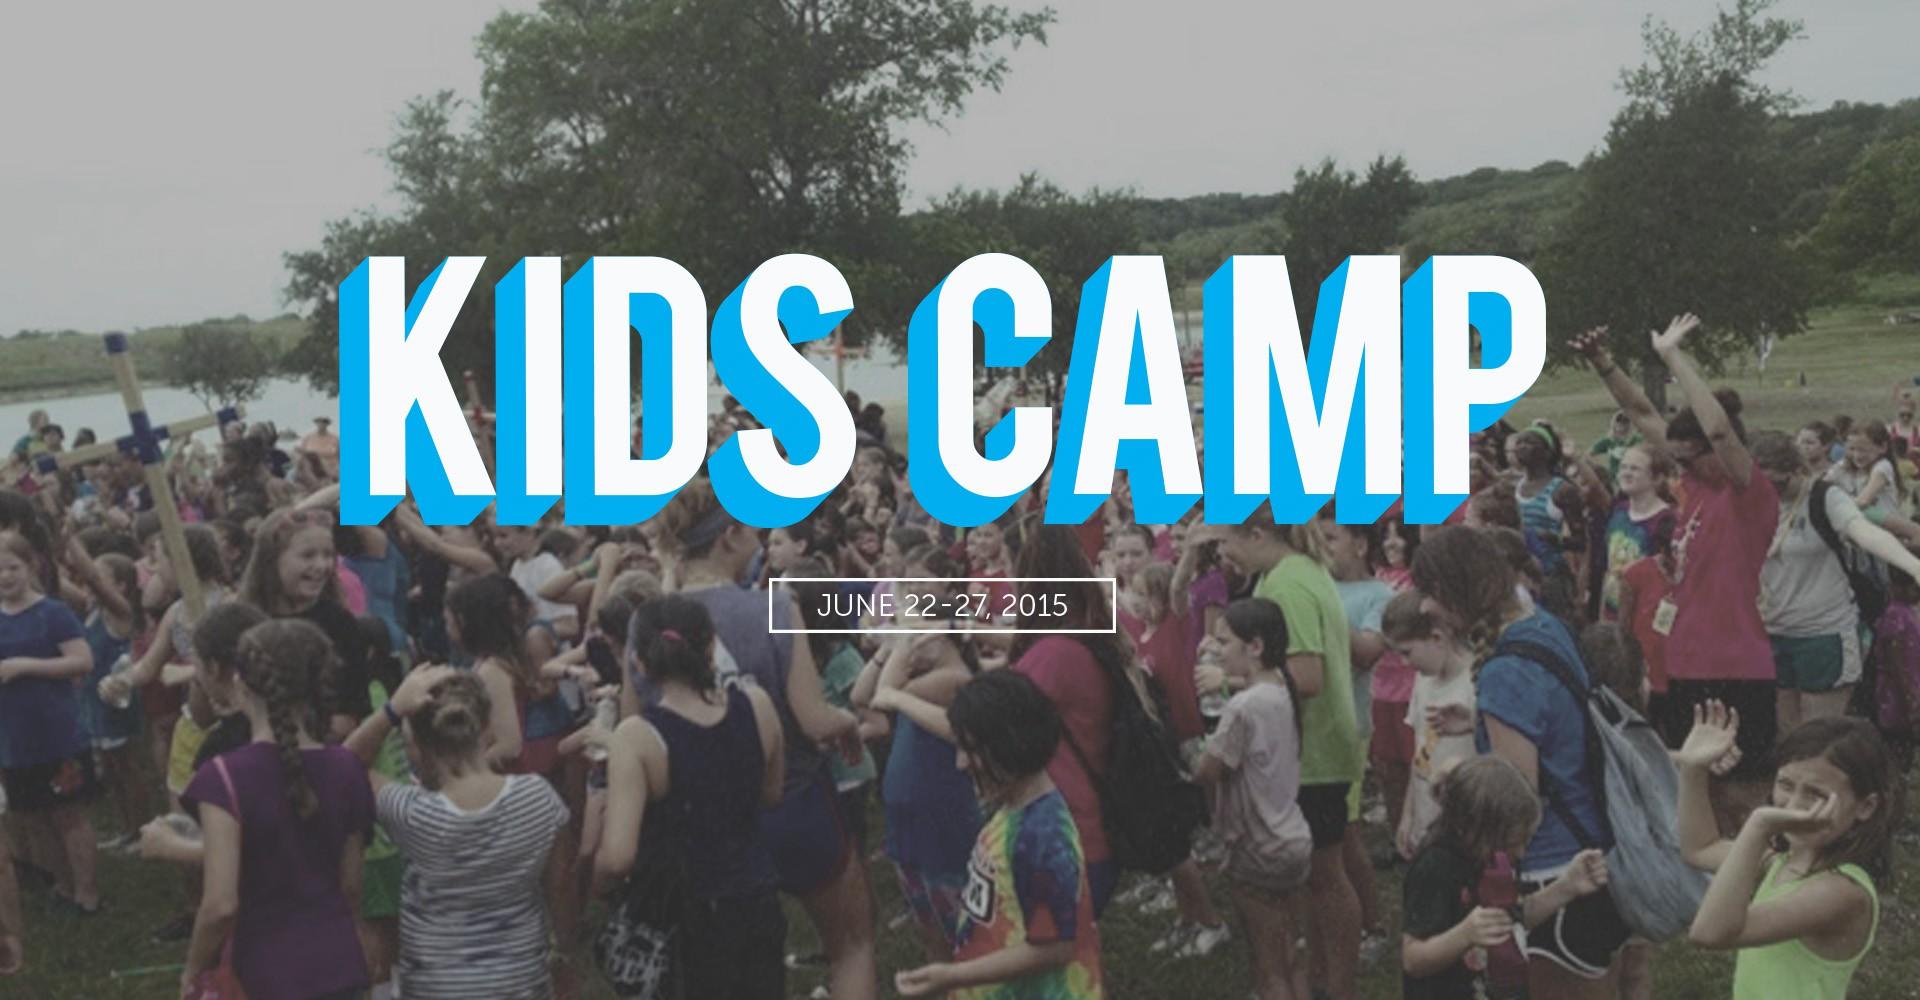 kidscamp-website